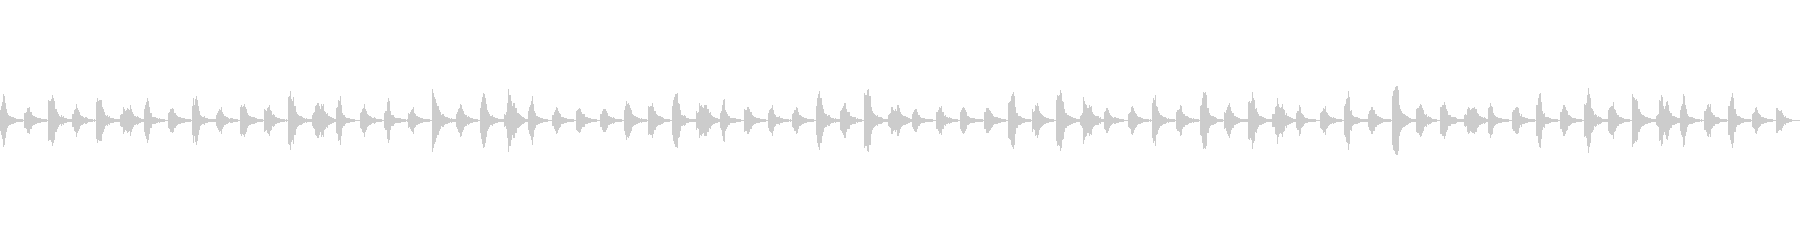 10分・瞑想・睡眠・マインドフルネス・夜の未再生の波形